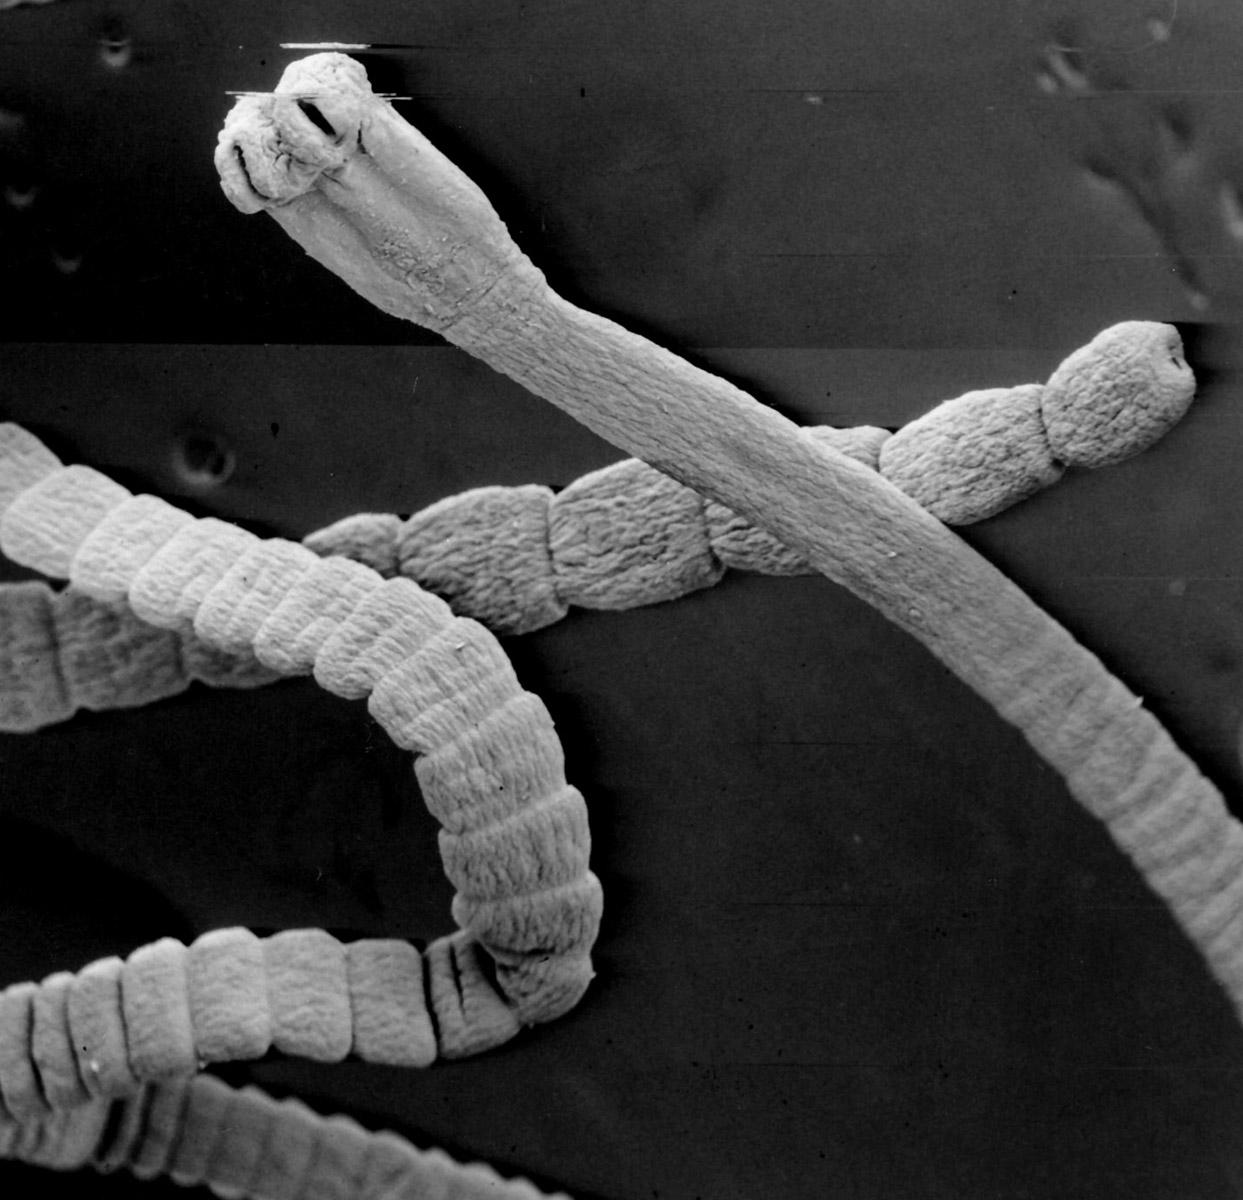 ...lineatus, личинки которого поначалу развиваются в почвенном клещике,а затем в организме мышей и ящериц.